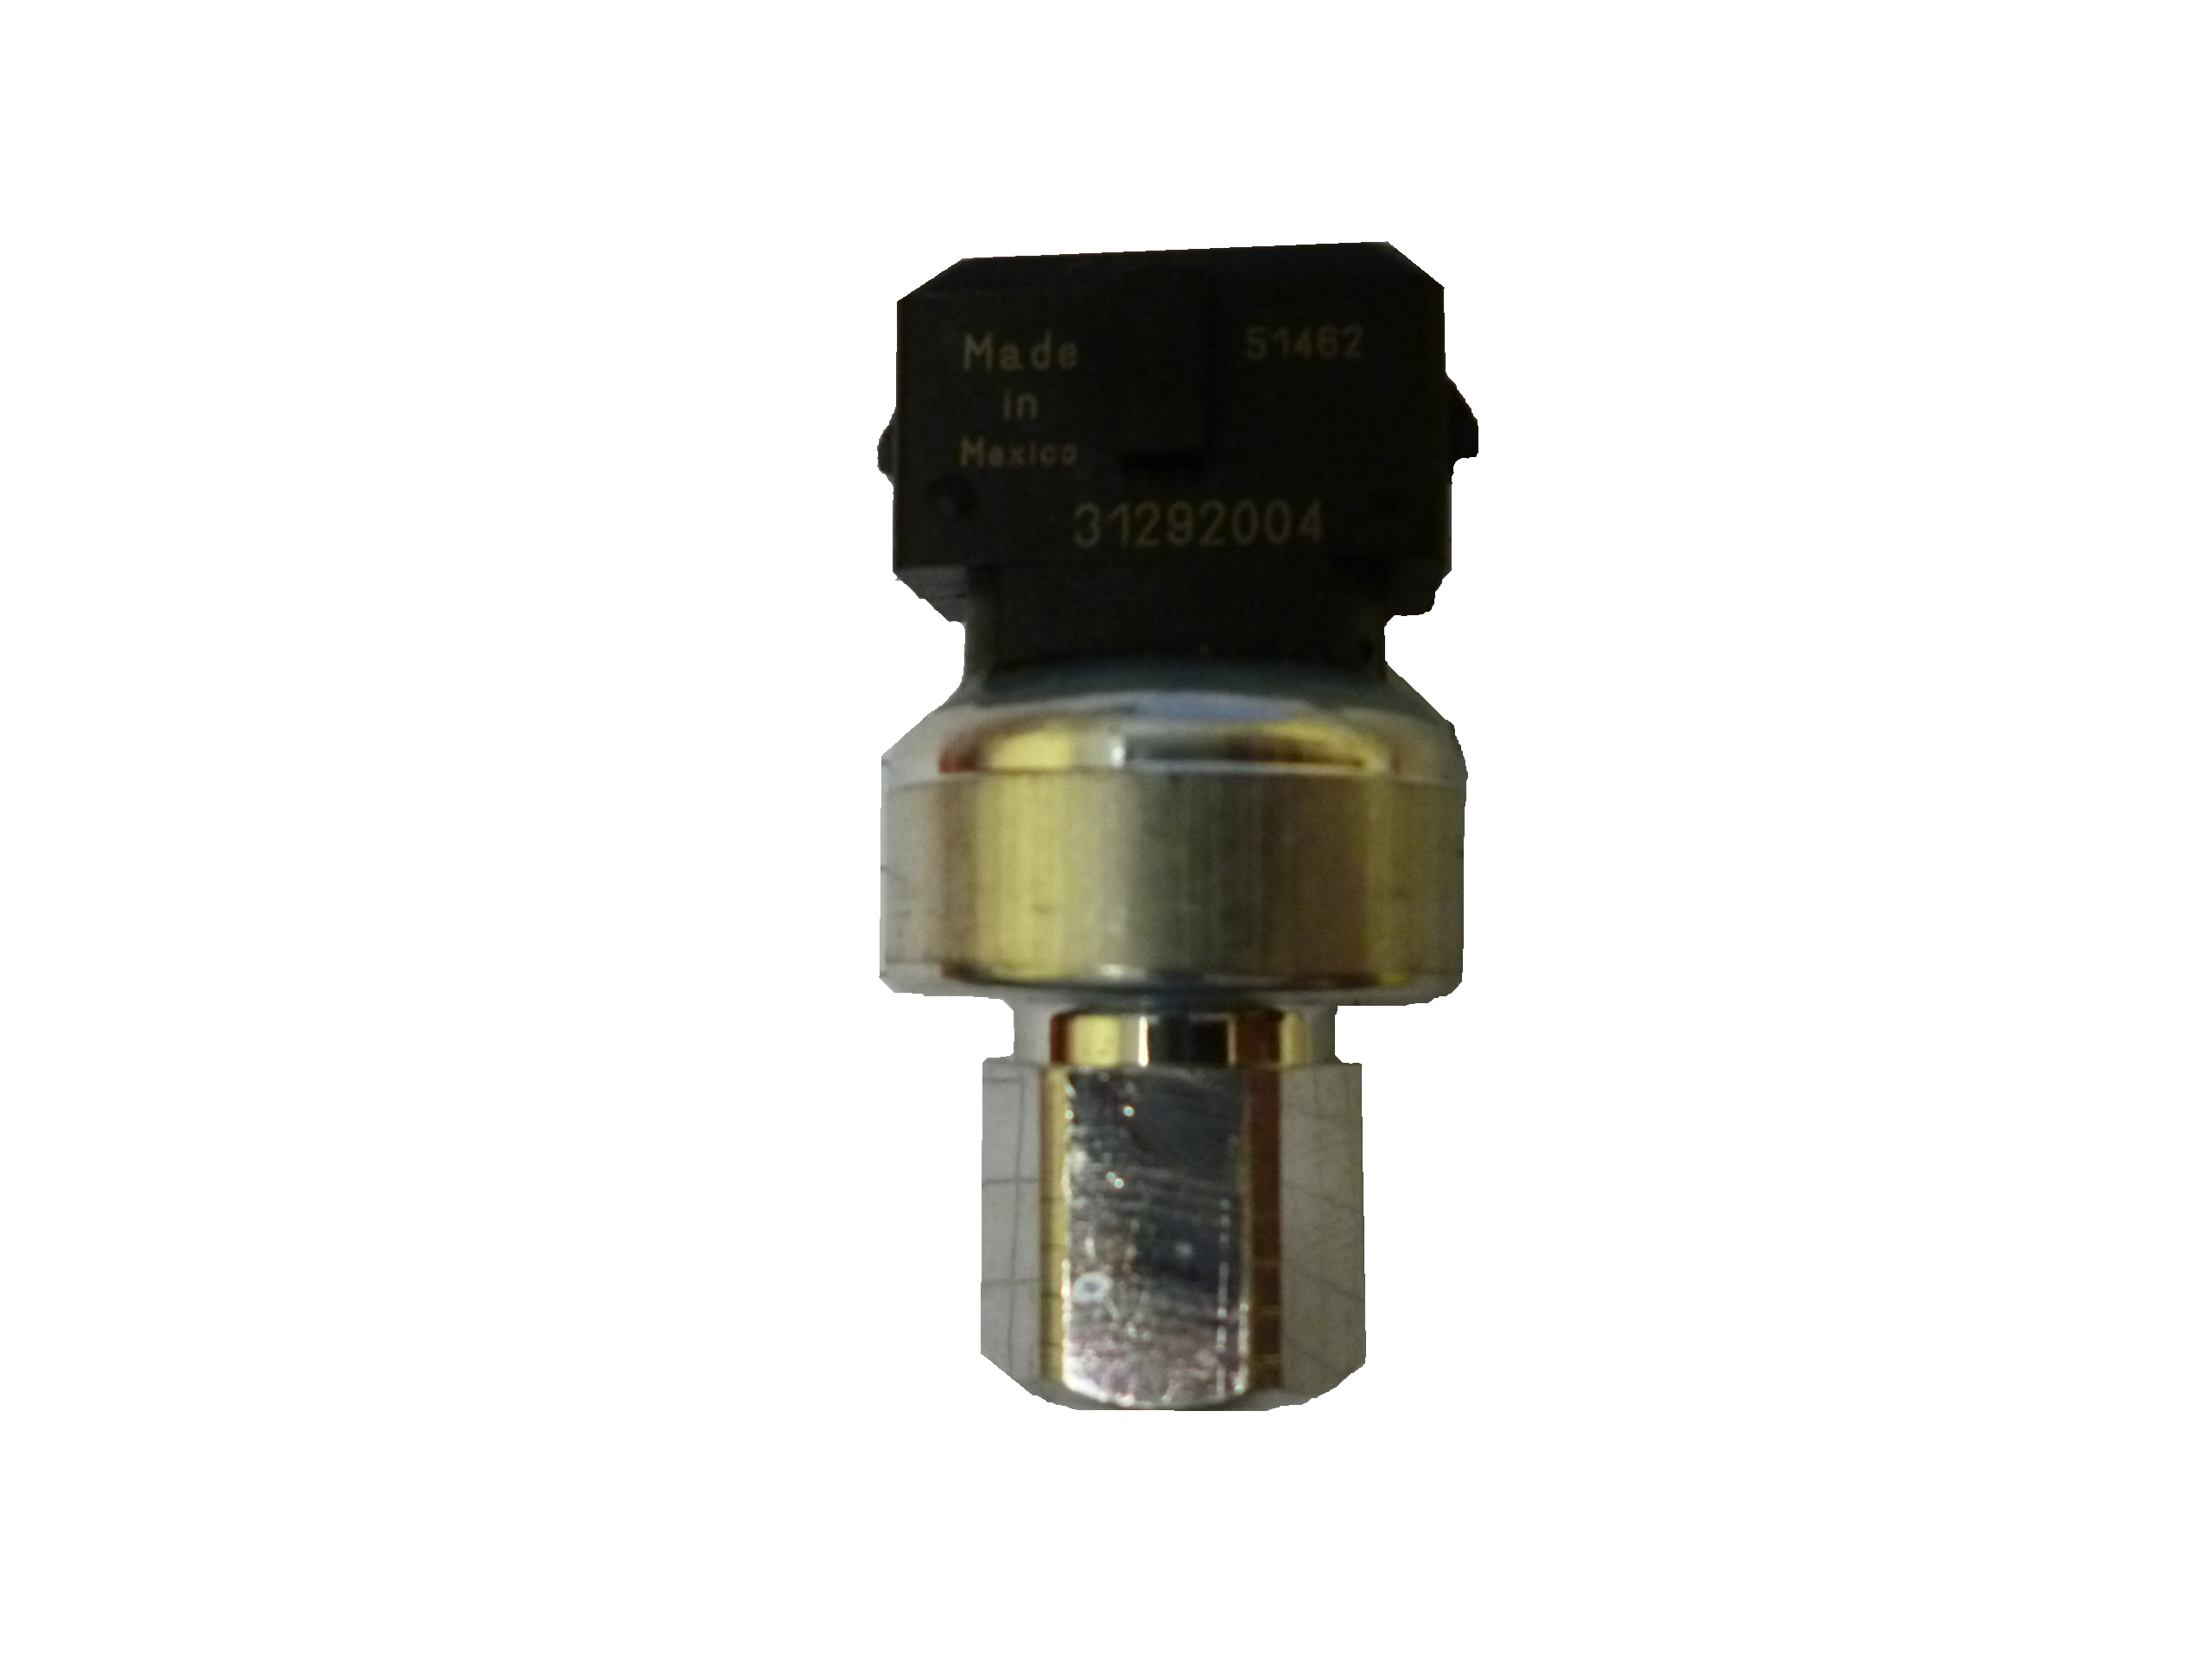 датчик давления кондиционирования воздуха volvo 31292004 новый